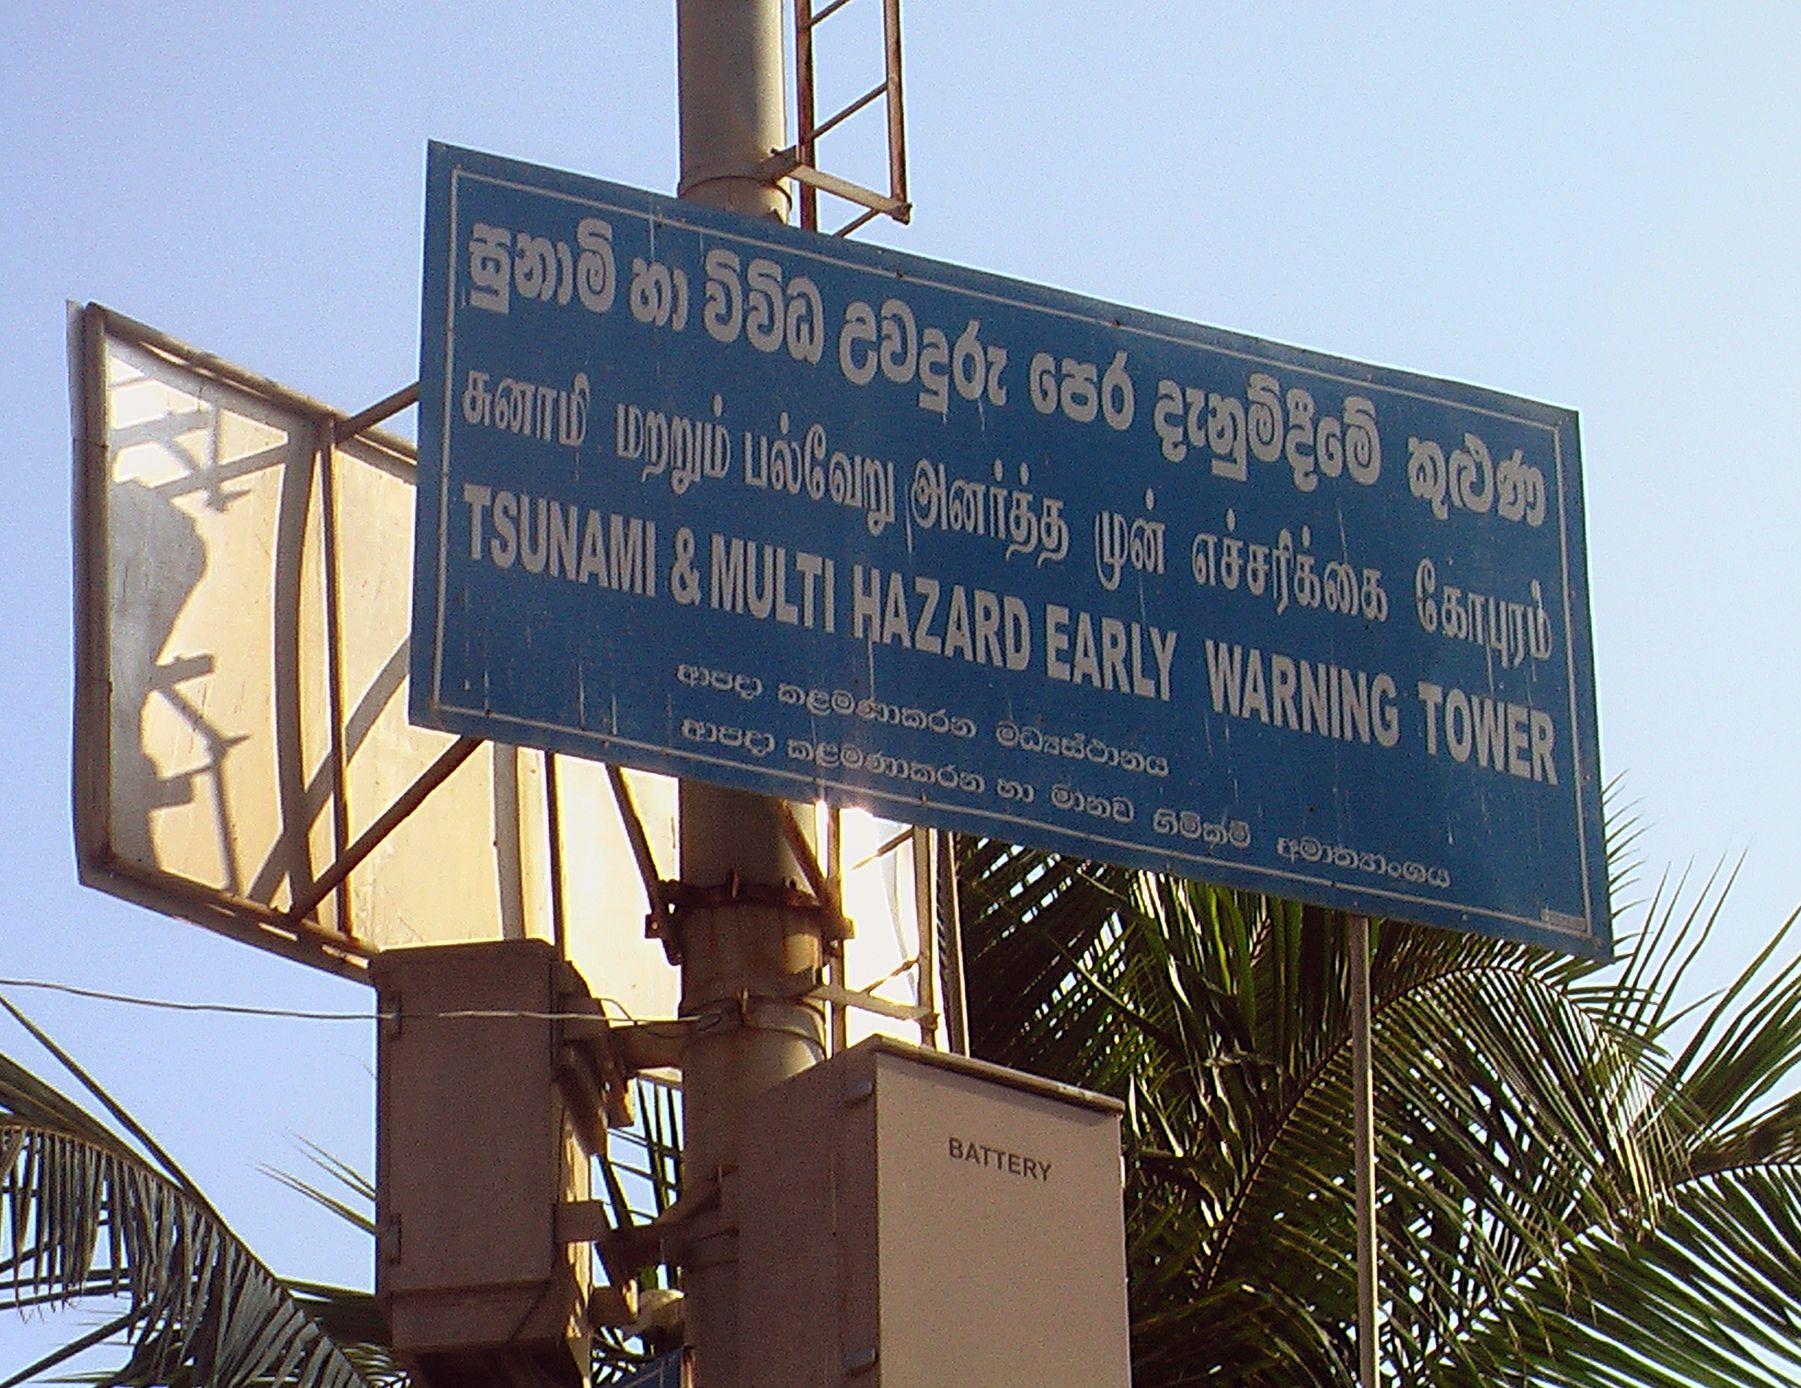 tsunami warning system wikipedia